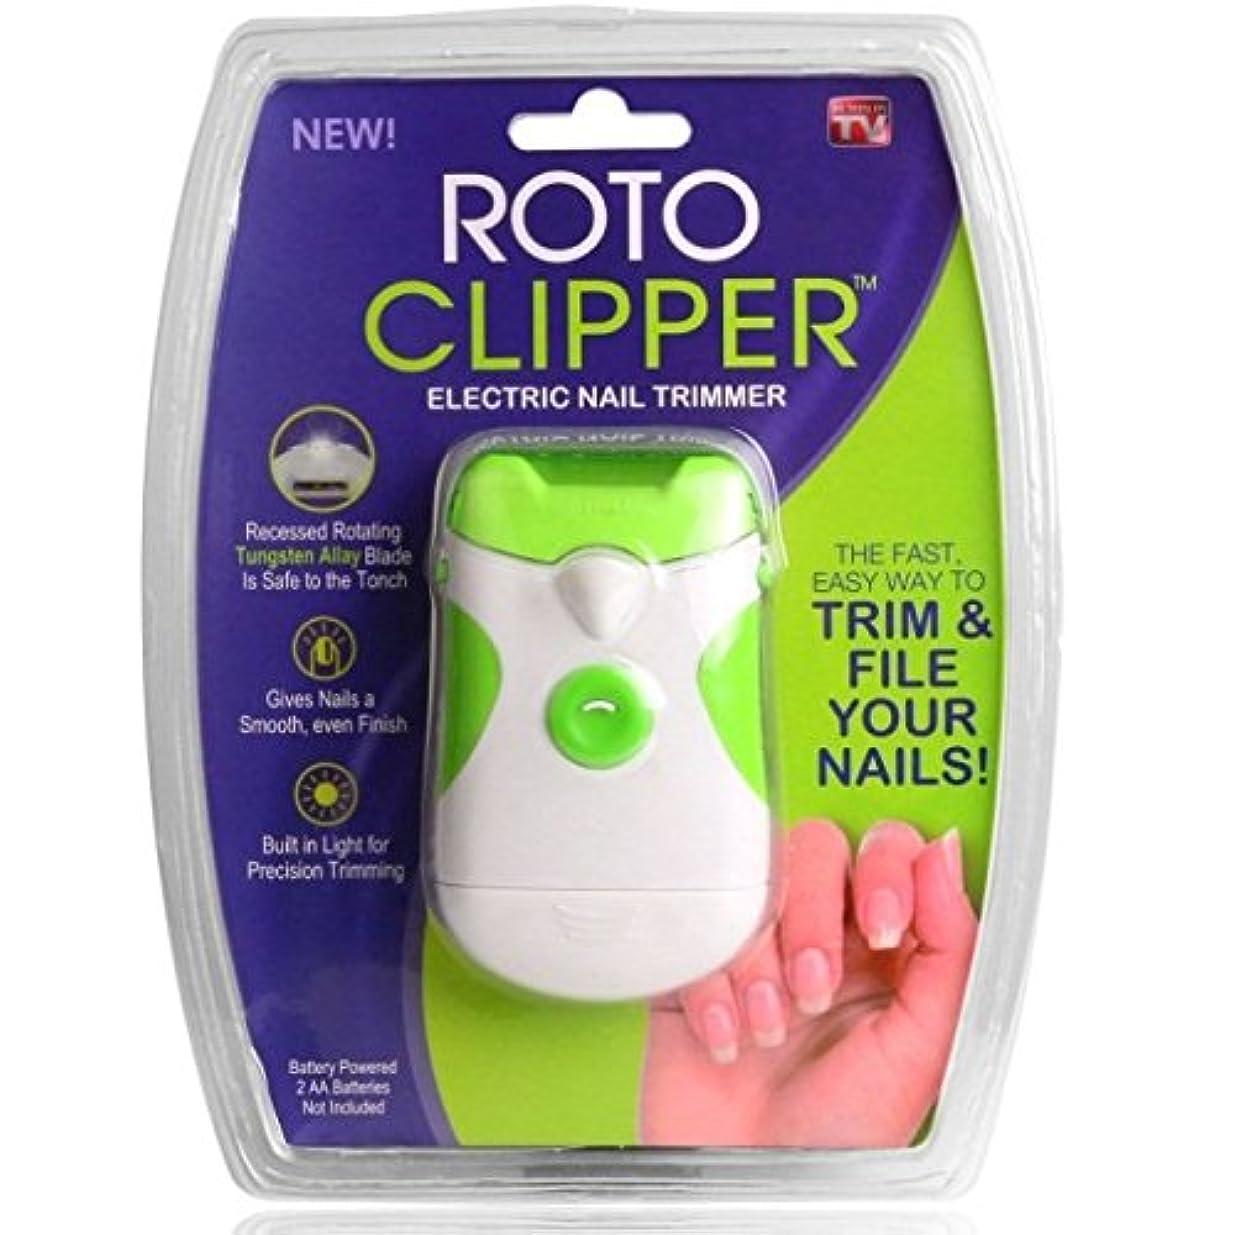 メッシュ博覧会賛美歌ROTO 電動 爪やすり 爪切り 巻き爪 ネイルケア 爪のトラブル 電池式 LEDライト付き 【並行輸入品】